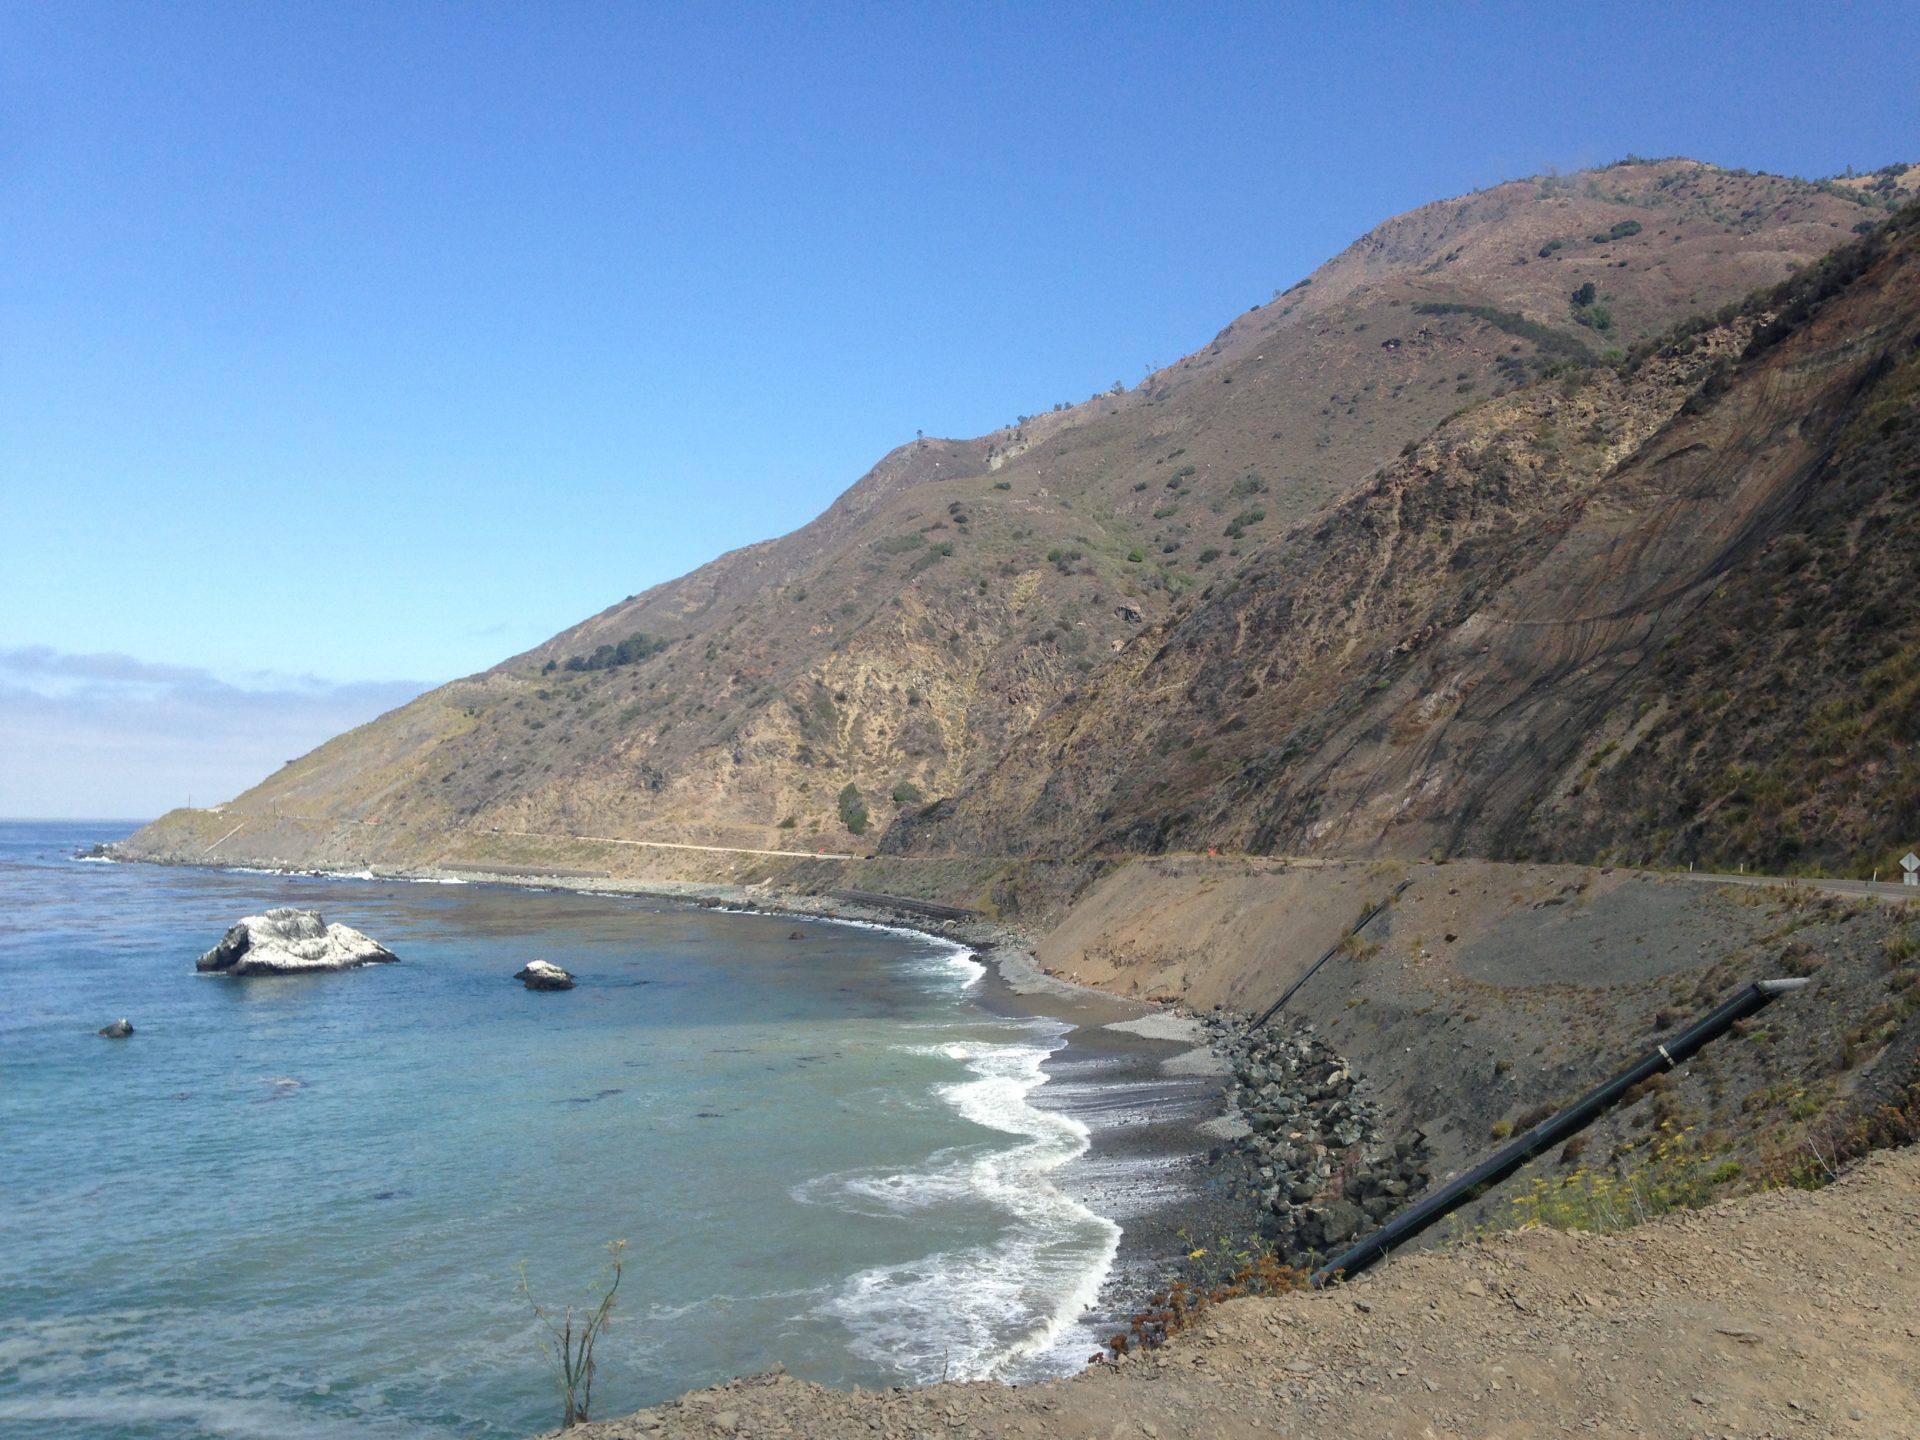 Ecco la Highway1, la strada che abbiamo percorso sulla costa